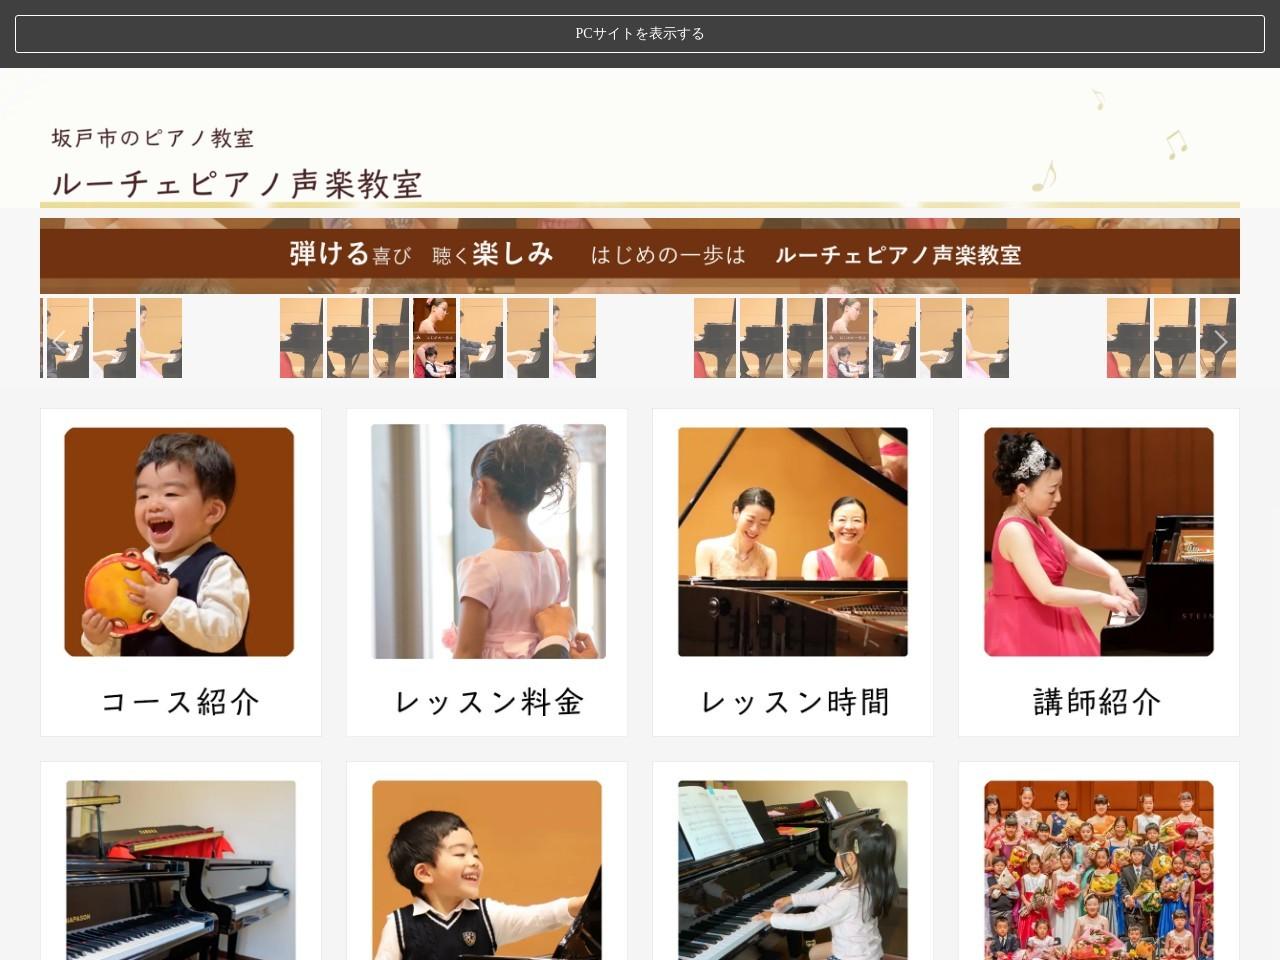 ルーチェピアノ声楽教室のサムネイル